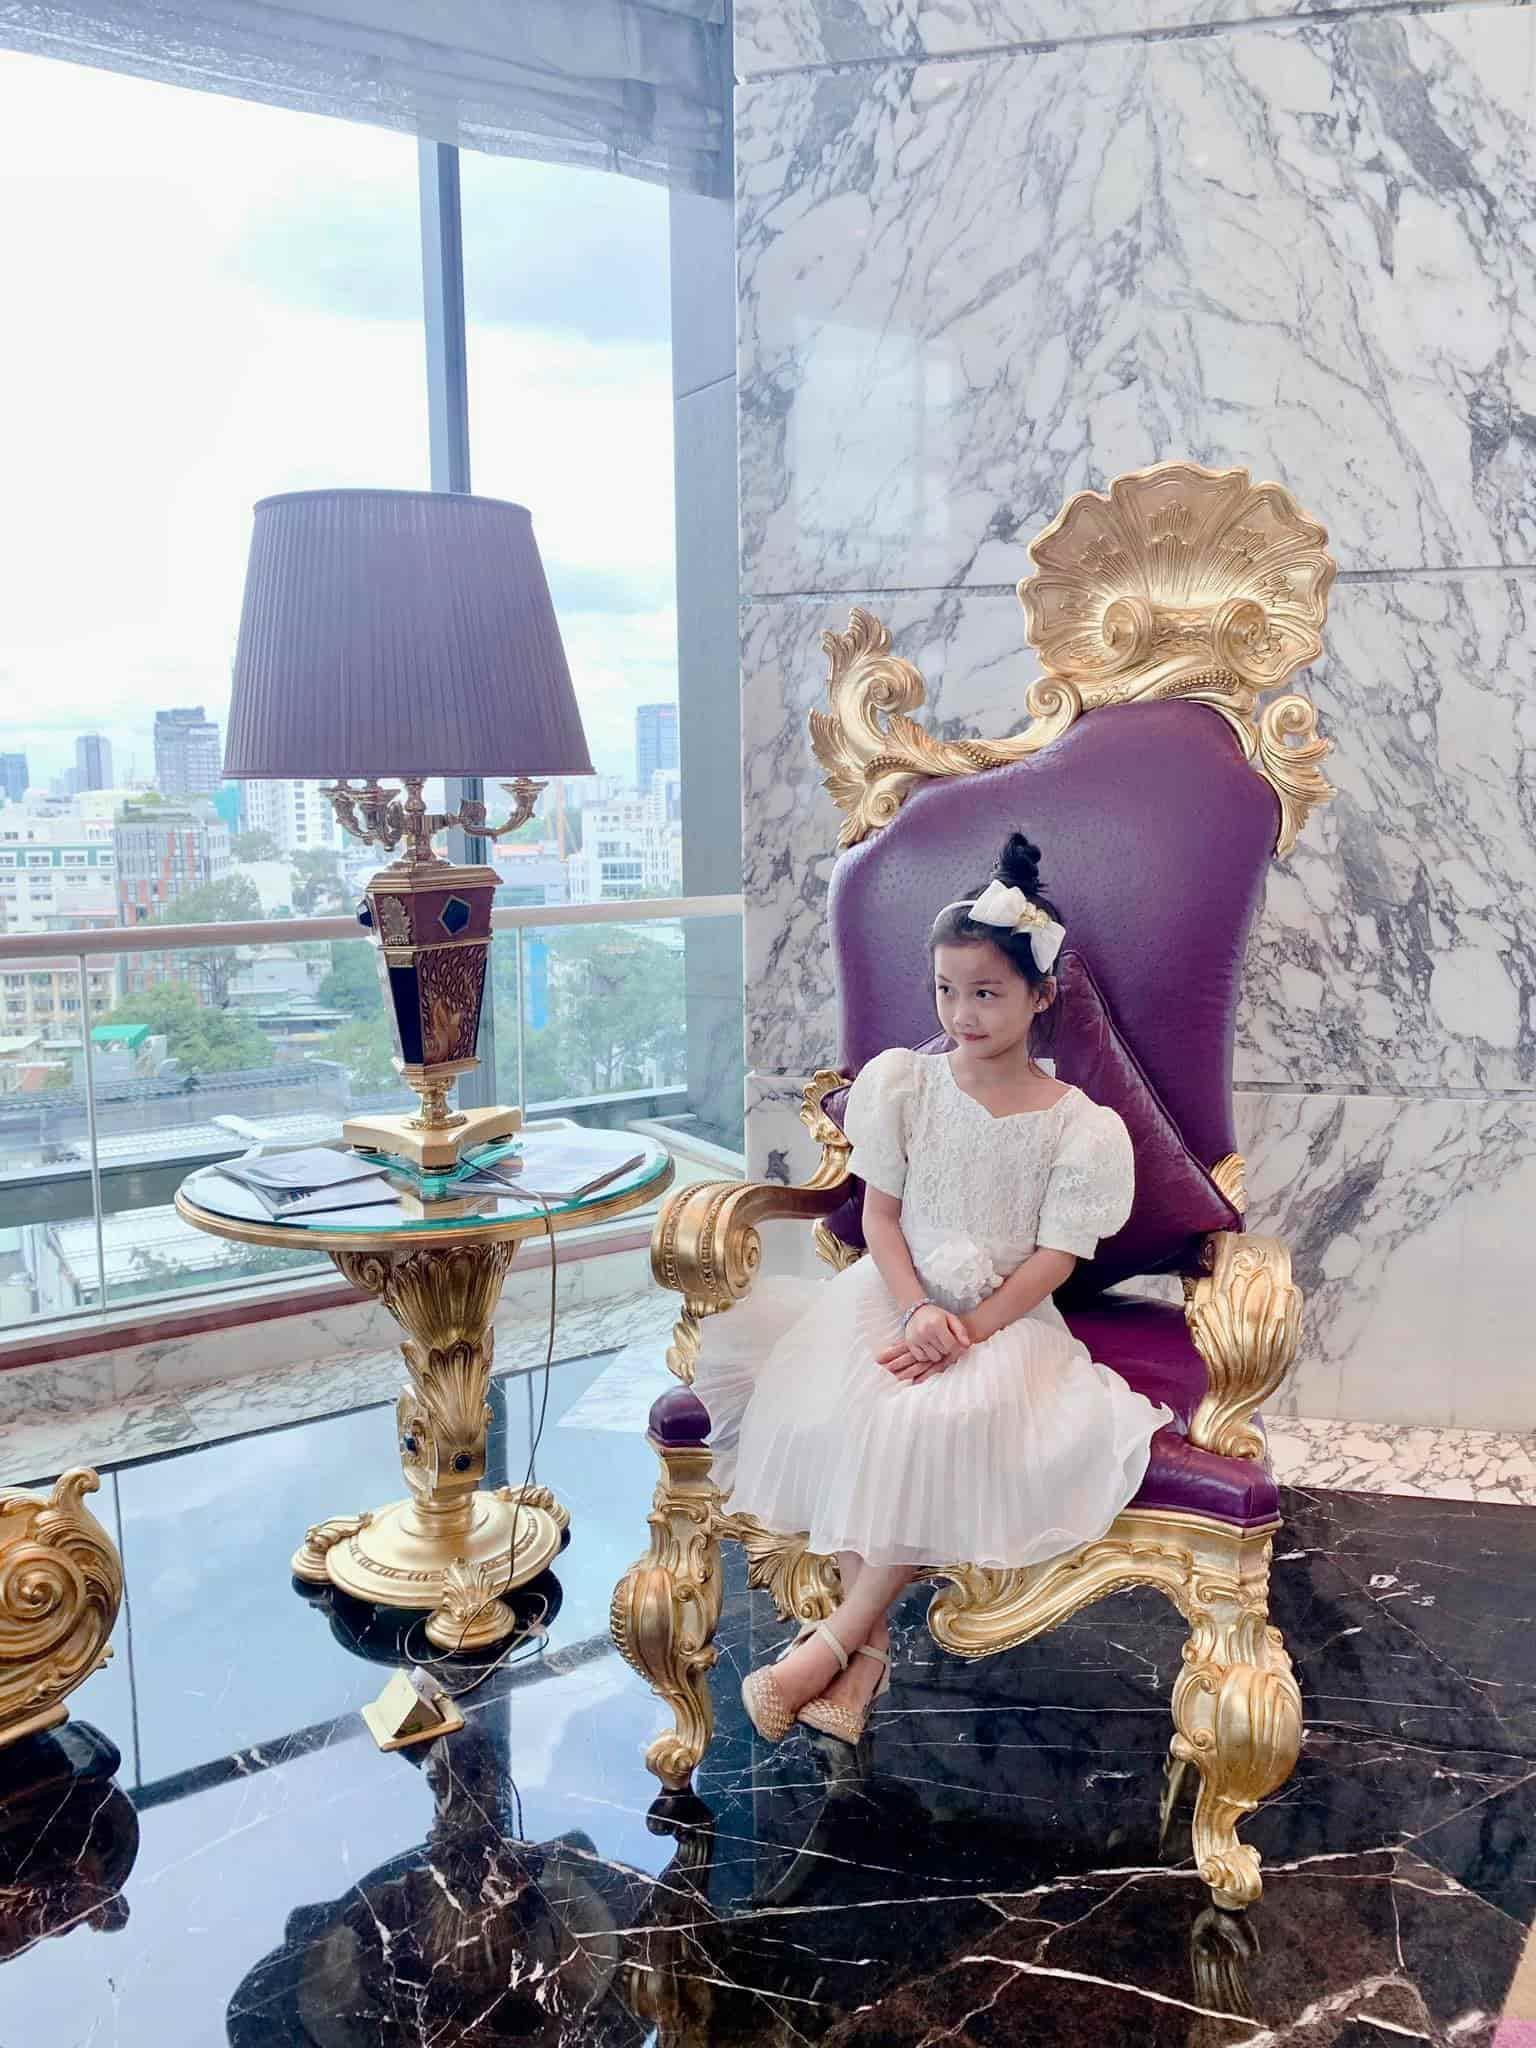 Con gái Ốc Thanh Vân đến trường diện đồng phục chất ngất: mang tất cọc cạch, đi giày cao gót - 1